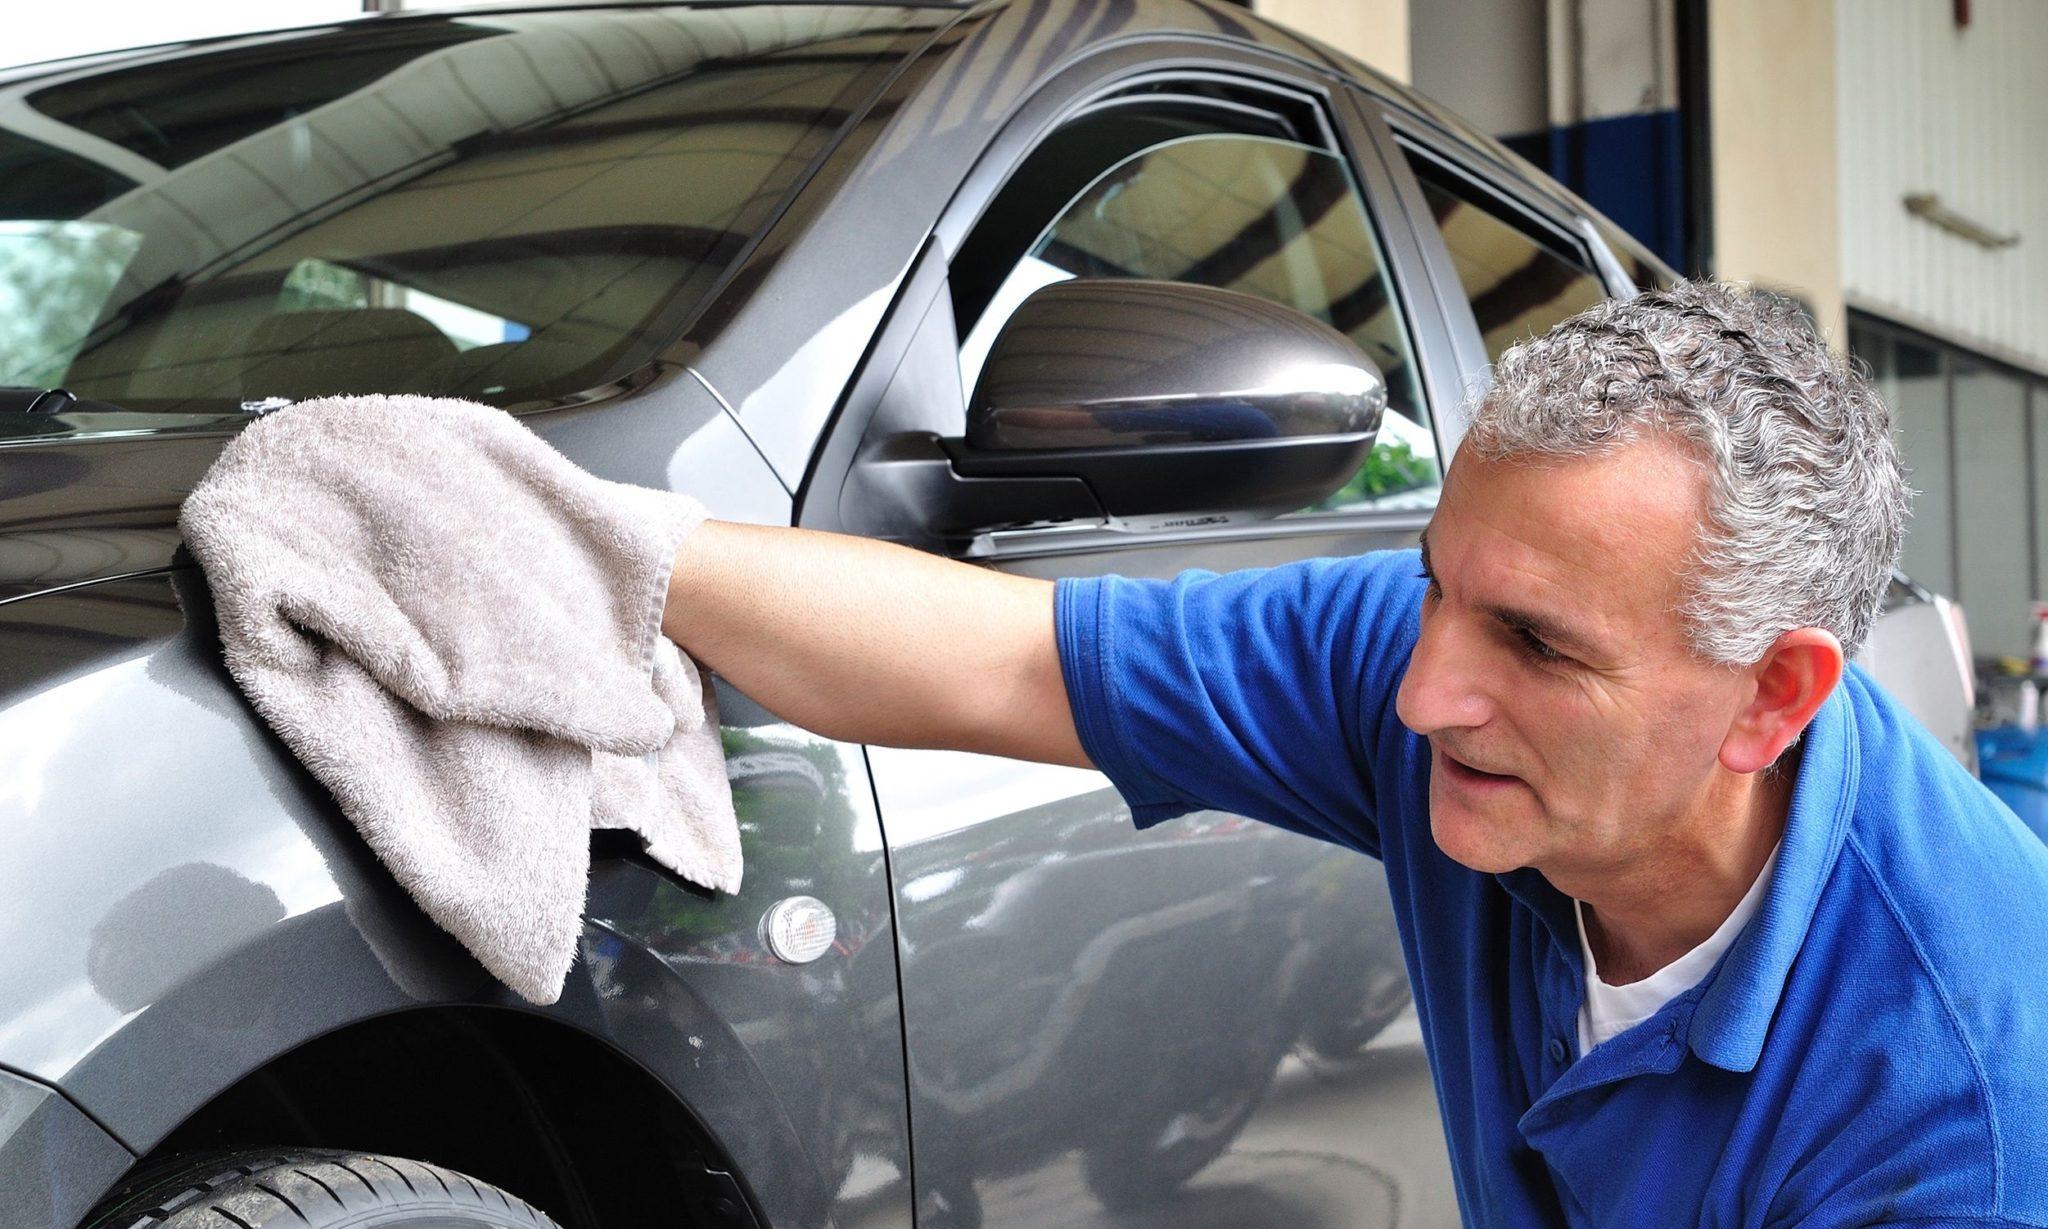 Как правильно мыть машину в домашних условиях без царапин